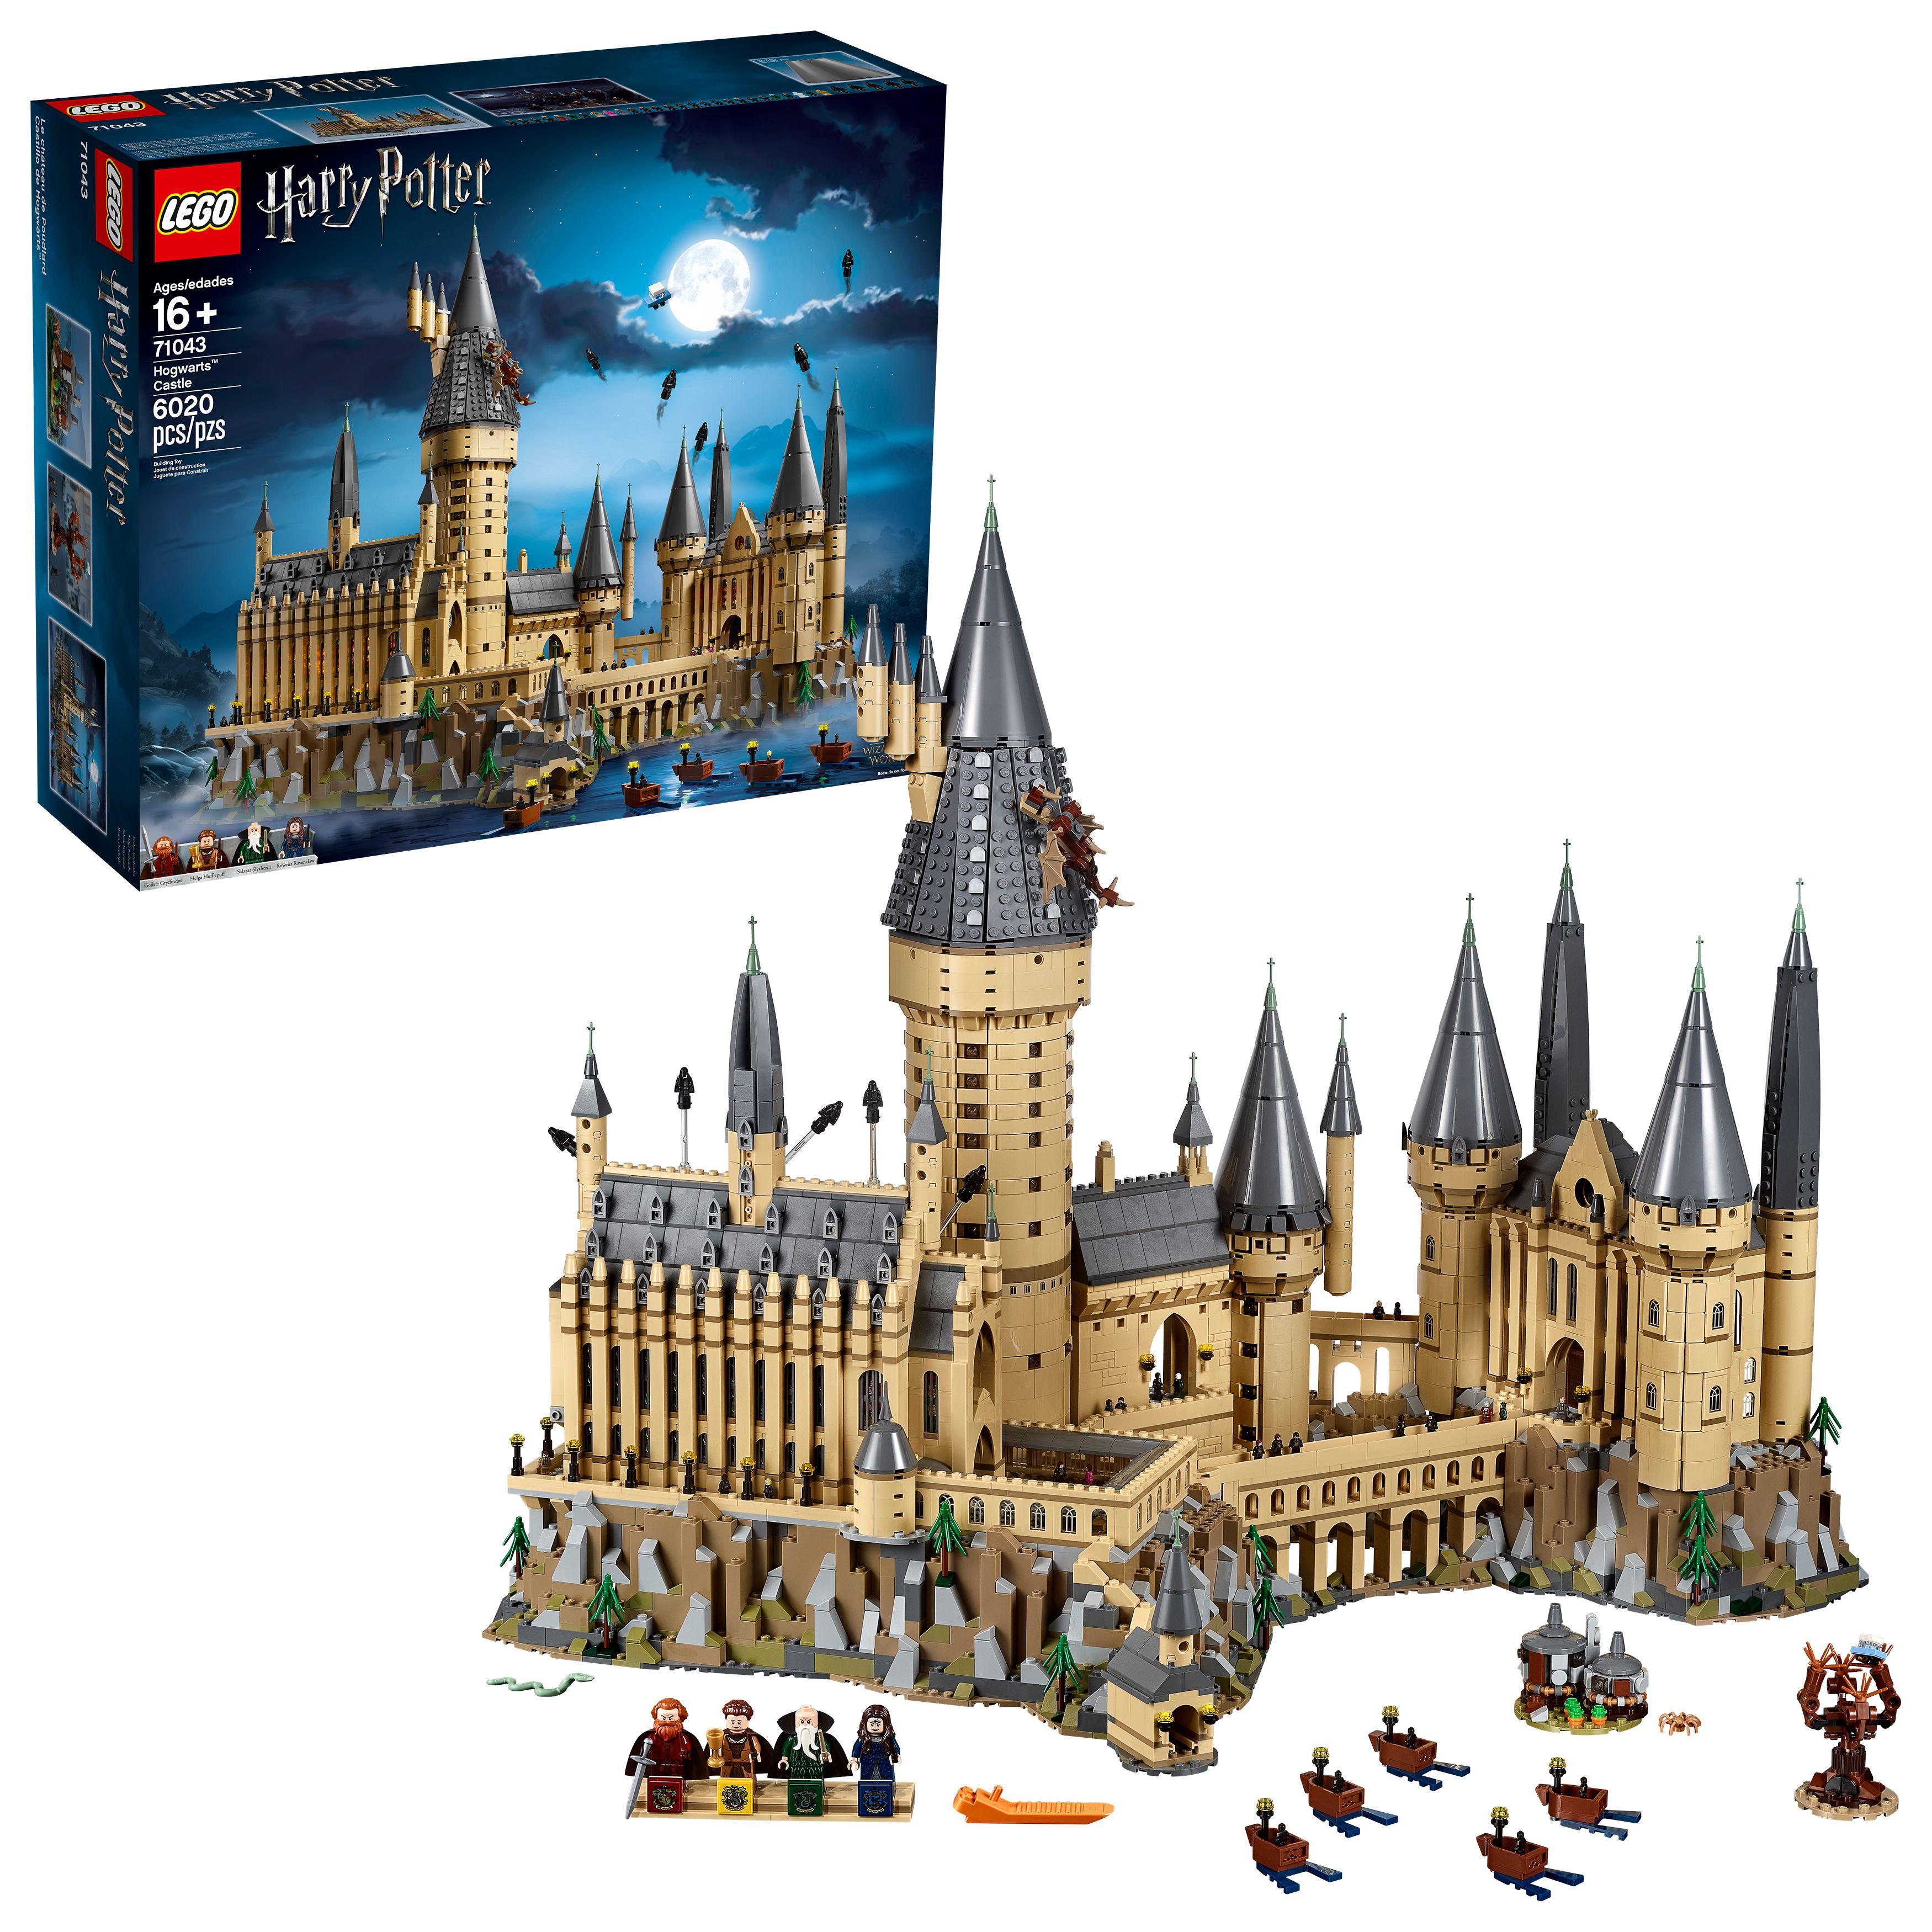 Lego Harry Potter Hogwarts Castle 71043 Building Kit 6020 Pieces Walmart Com Harry Potter Hogwarts Castle Harry Potter Castle Harry Potter Lego Sets